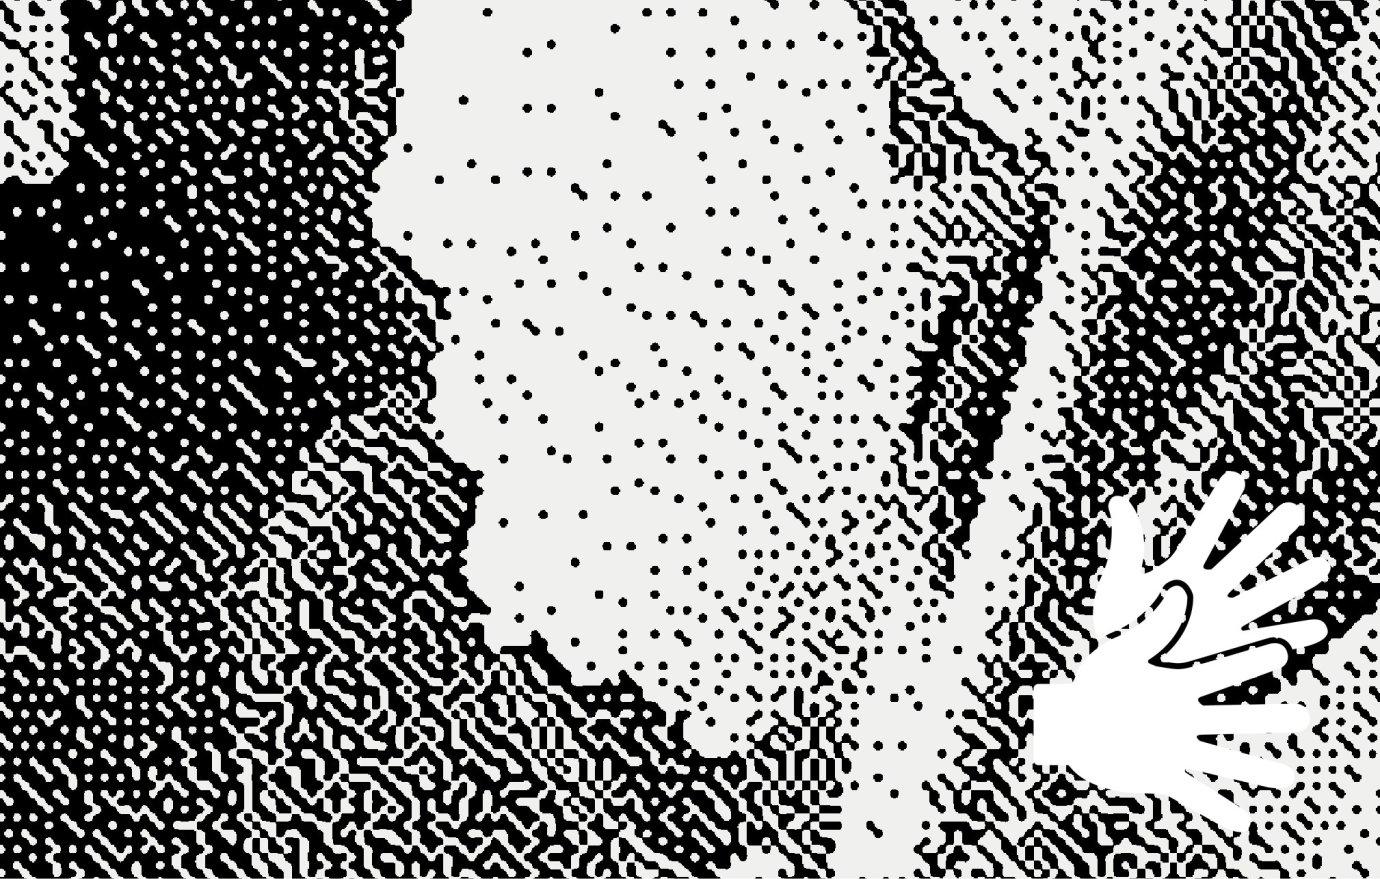 Illustration eines Schwarmes in Schwarztönen